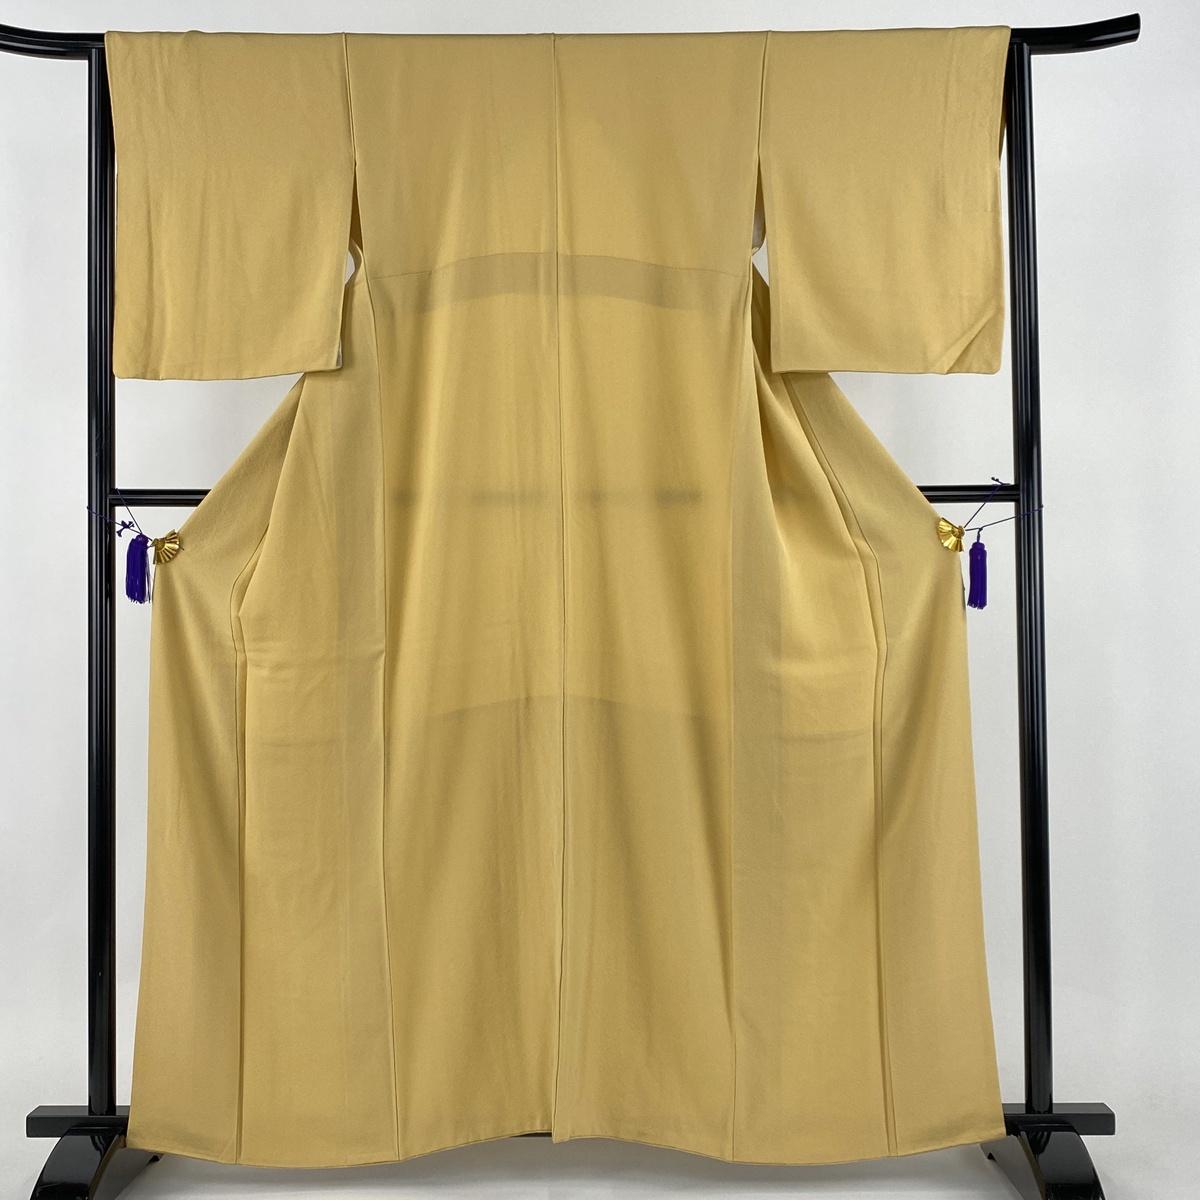 色無地 美品 秀品 黄色 袷 身丈159cm 裄丈65cm M 正絹 【中古】